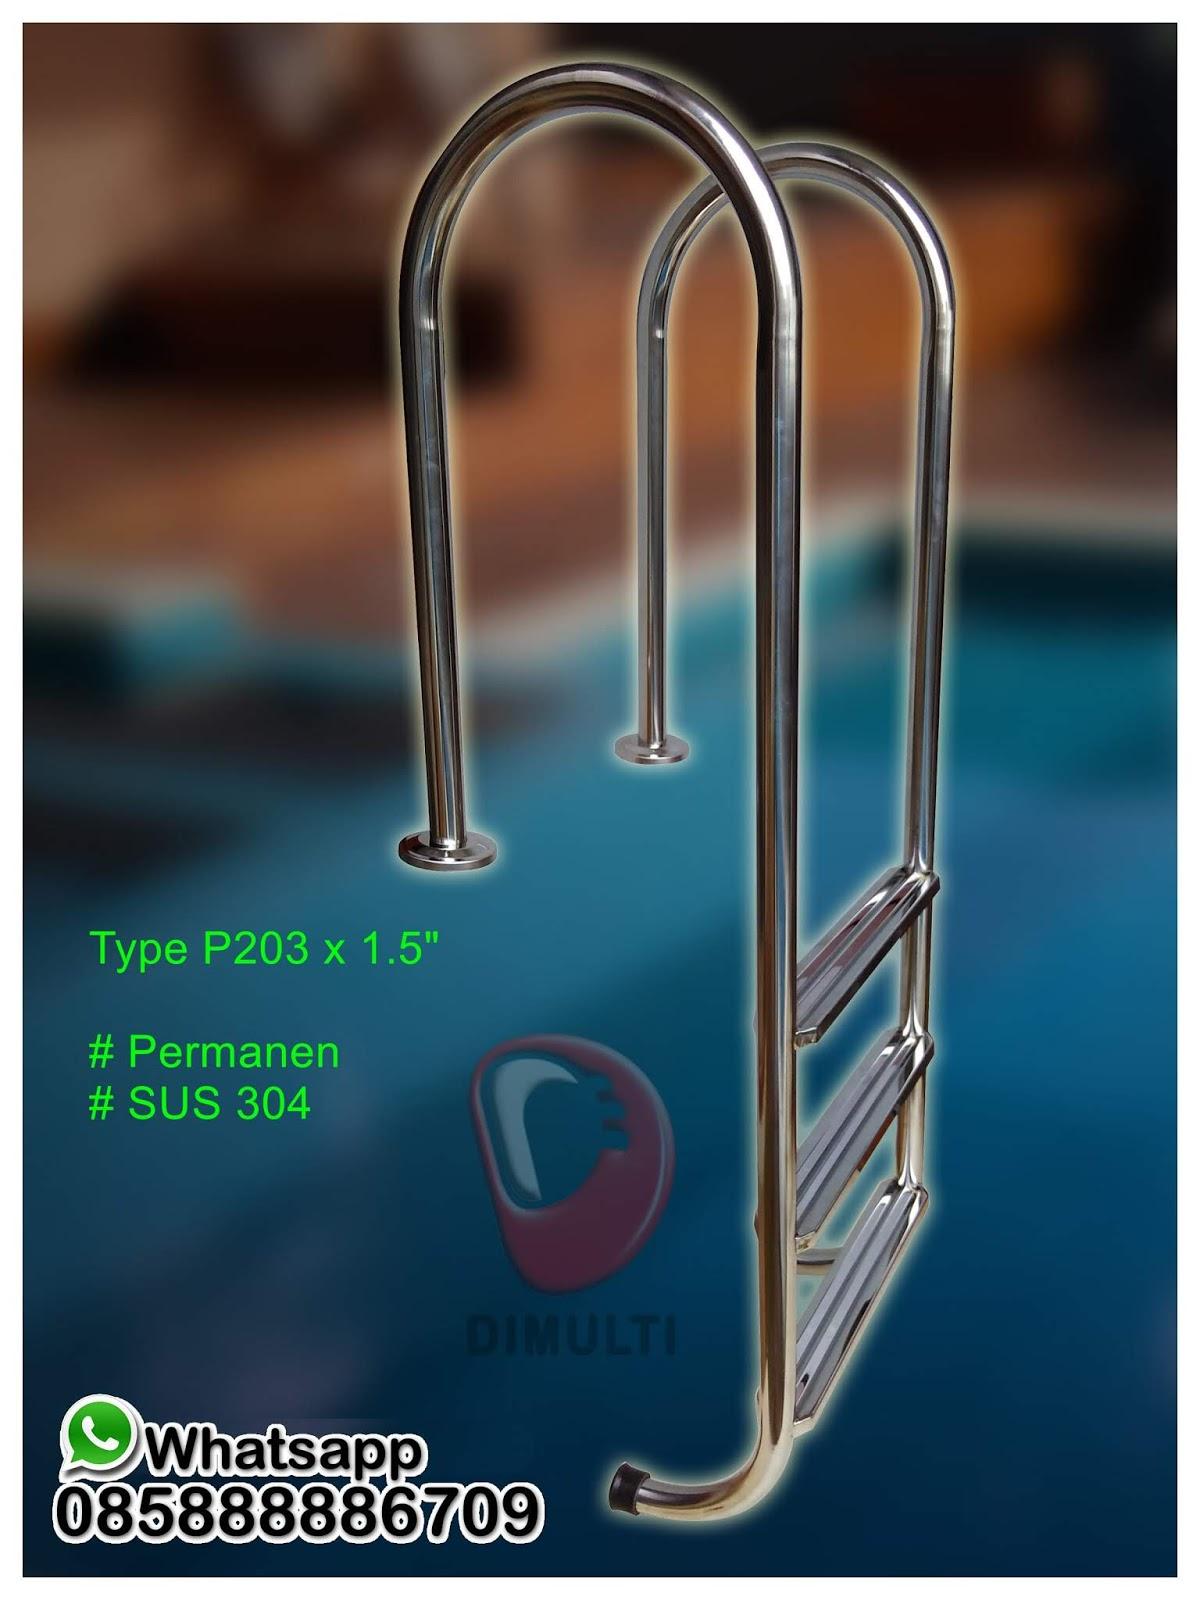 Tangga Kolam Renang Type P203 X 1.5